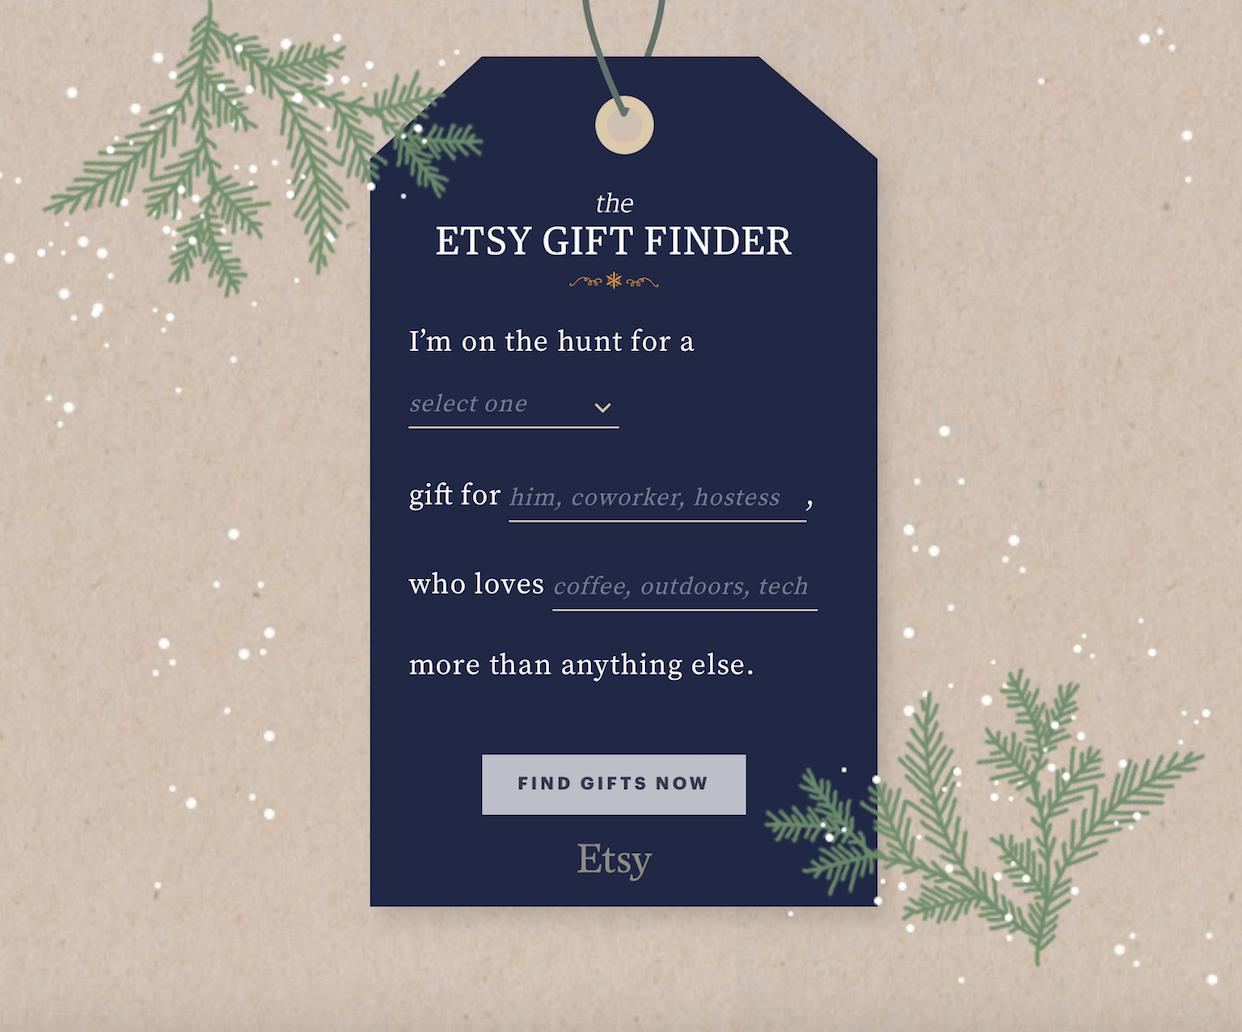 Etsy Gift Finder